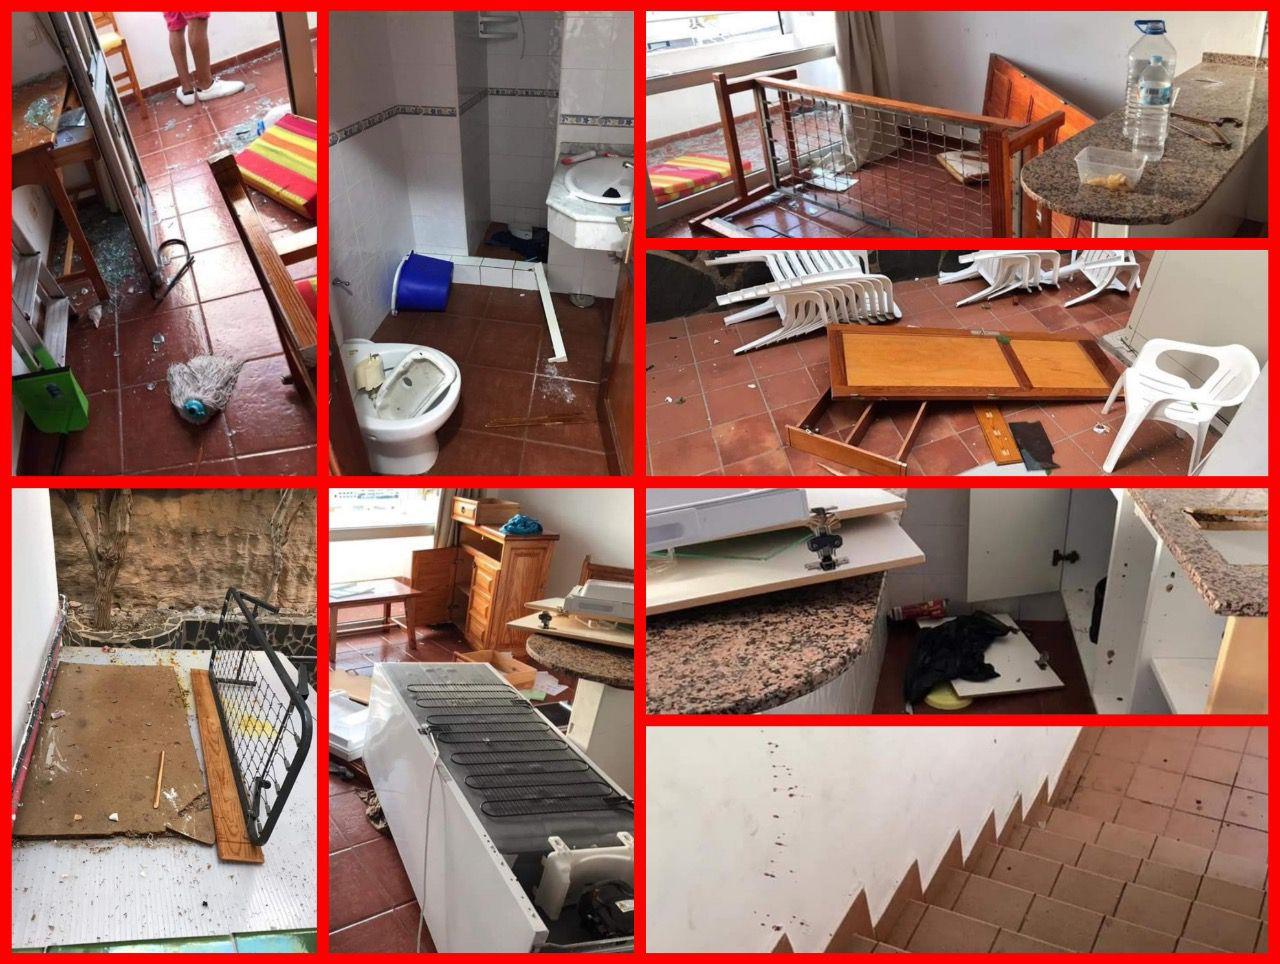 Canarias sufre la violencia extrema de los inmigrantes con destrozos en los hoteles y peleas continuas   mil21